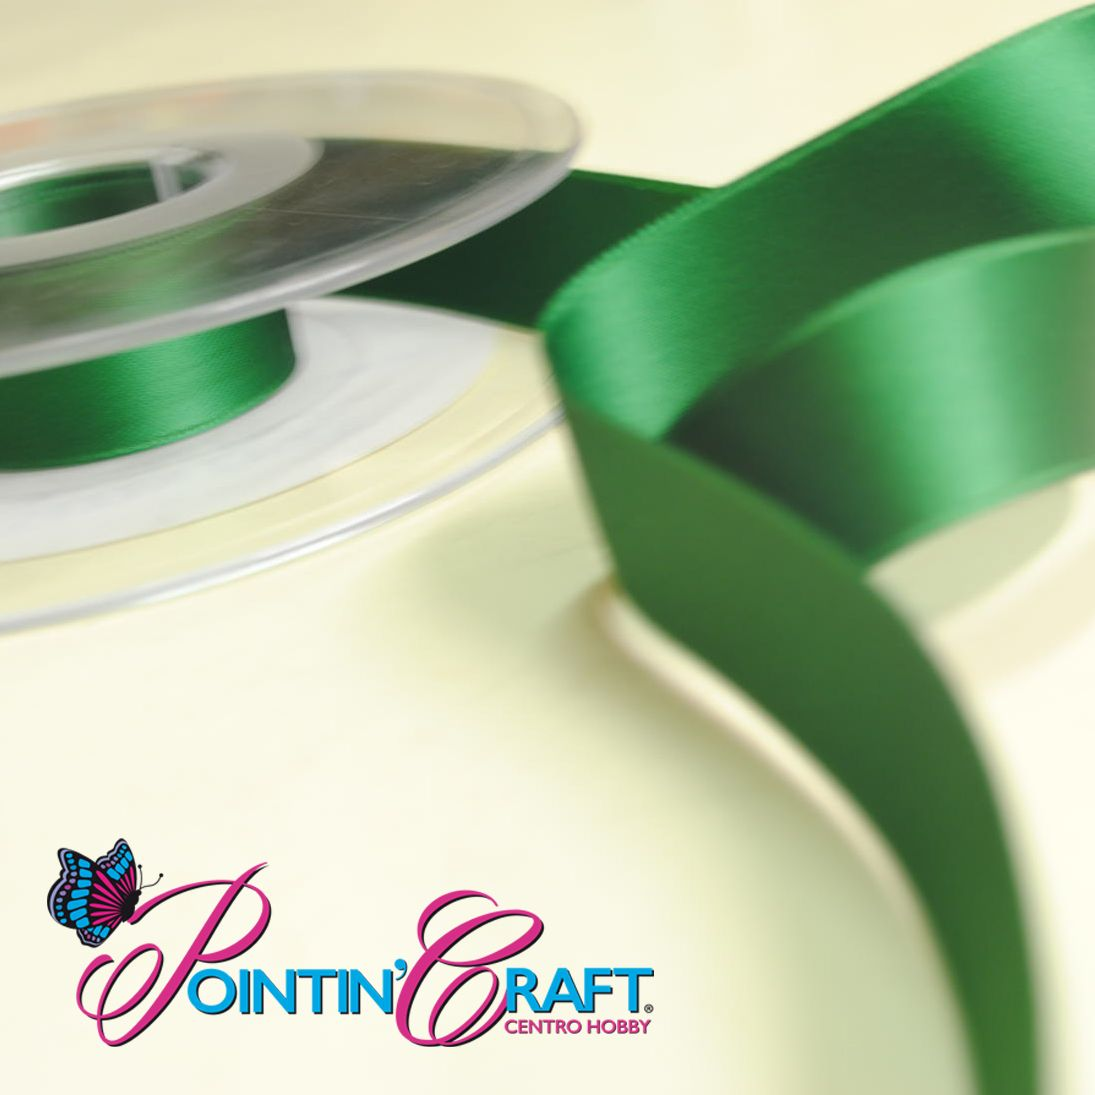 #nastri #nastrini #pointincraft #decorazione #creatività #hobby #faidate #satinato http://www.pointincraft.eu/it/326-nastri